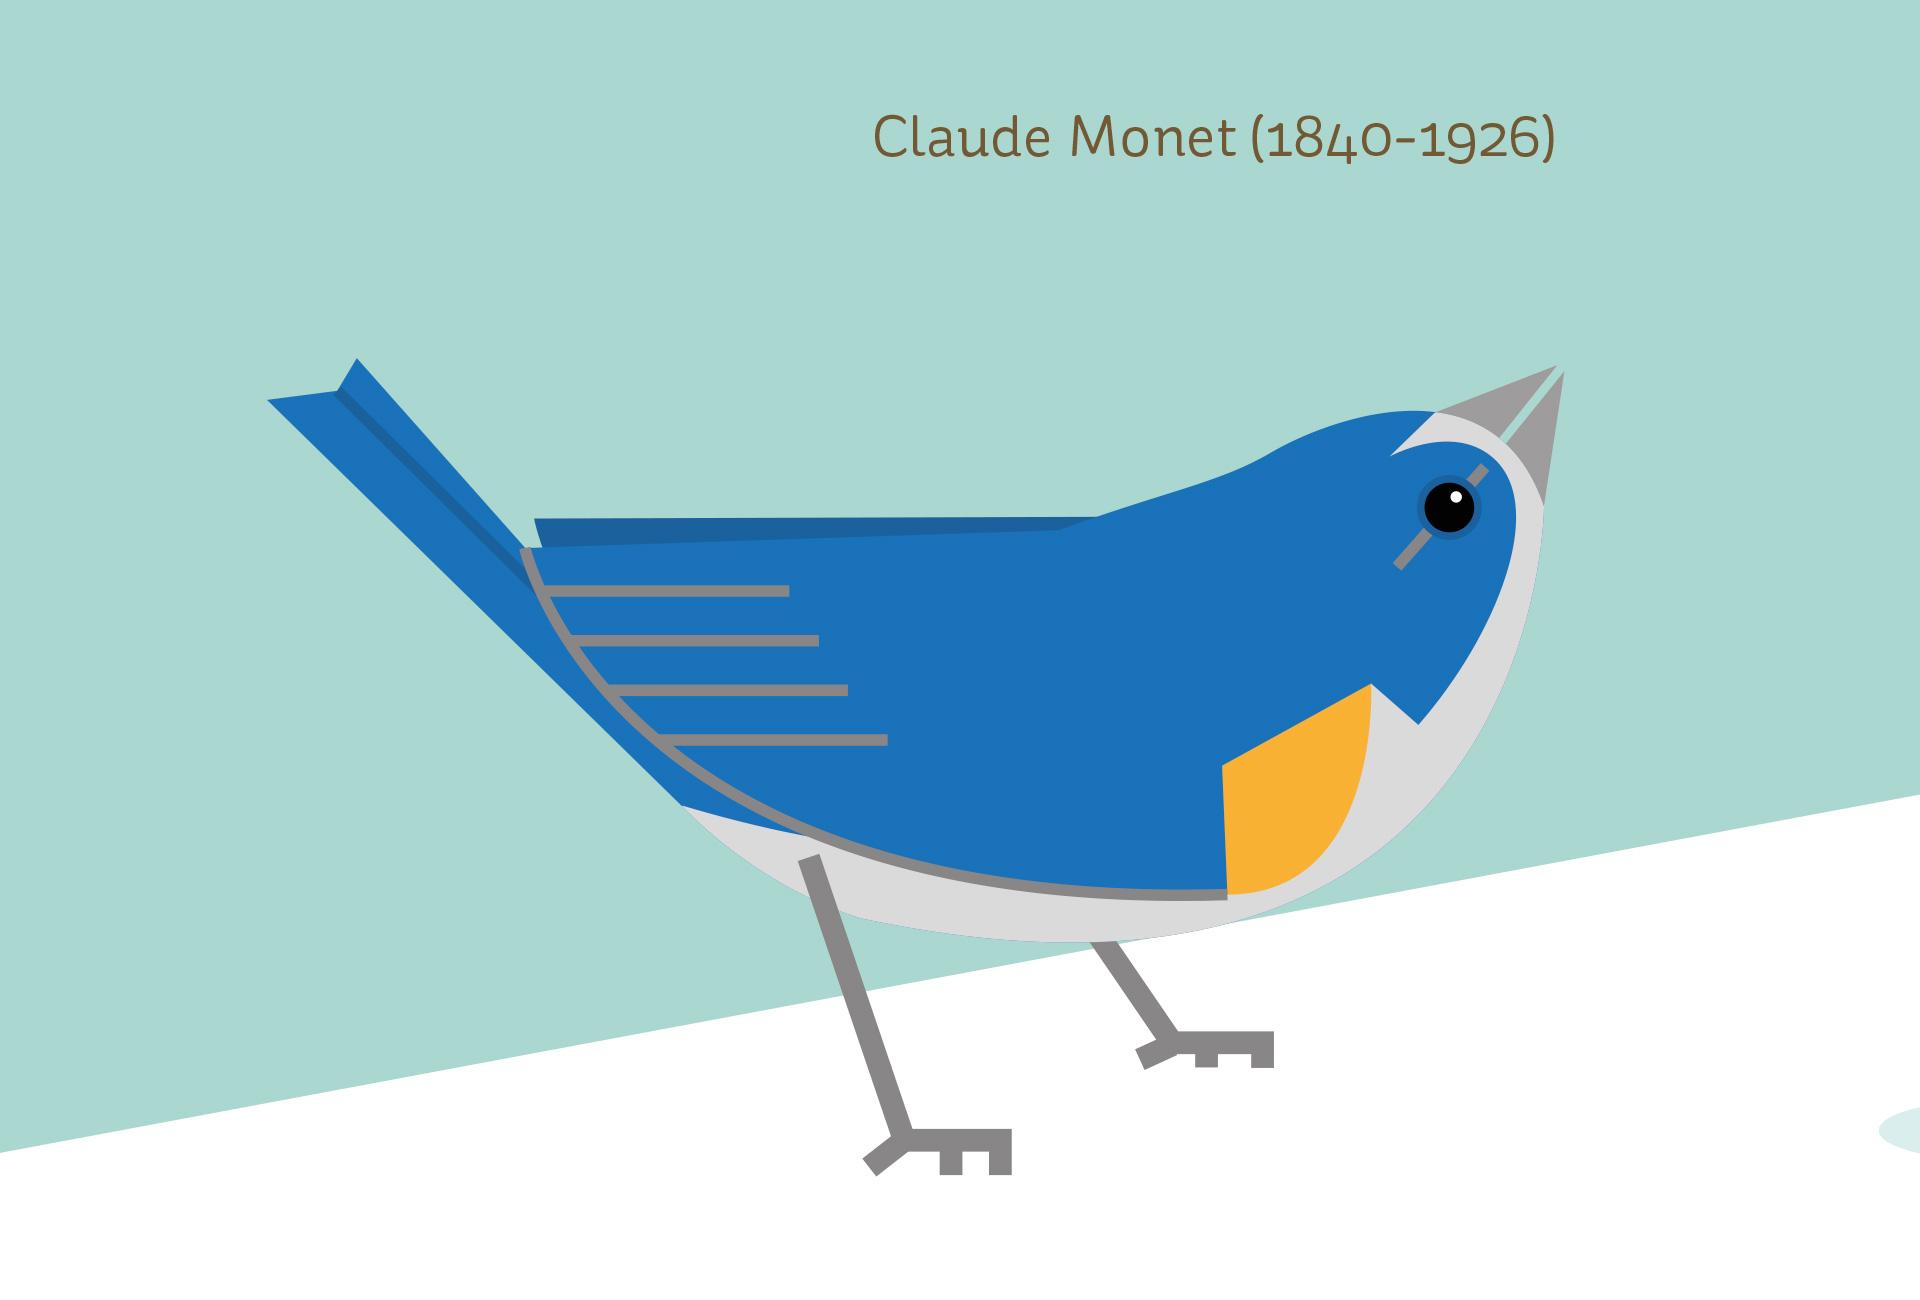 El Costurero Magazine - Portadilla Claude Manet (detalle)